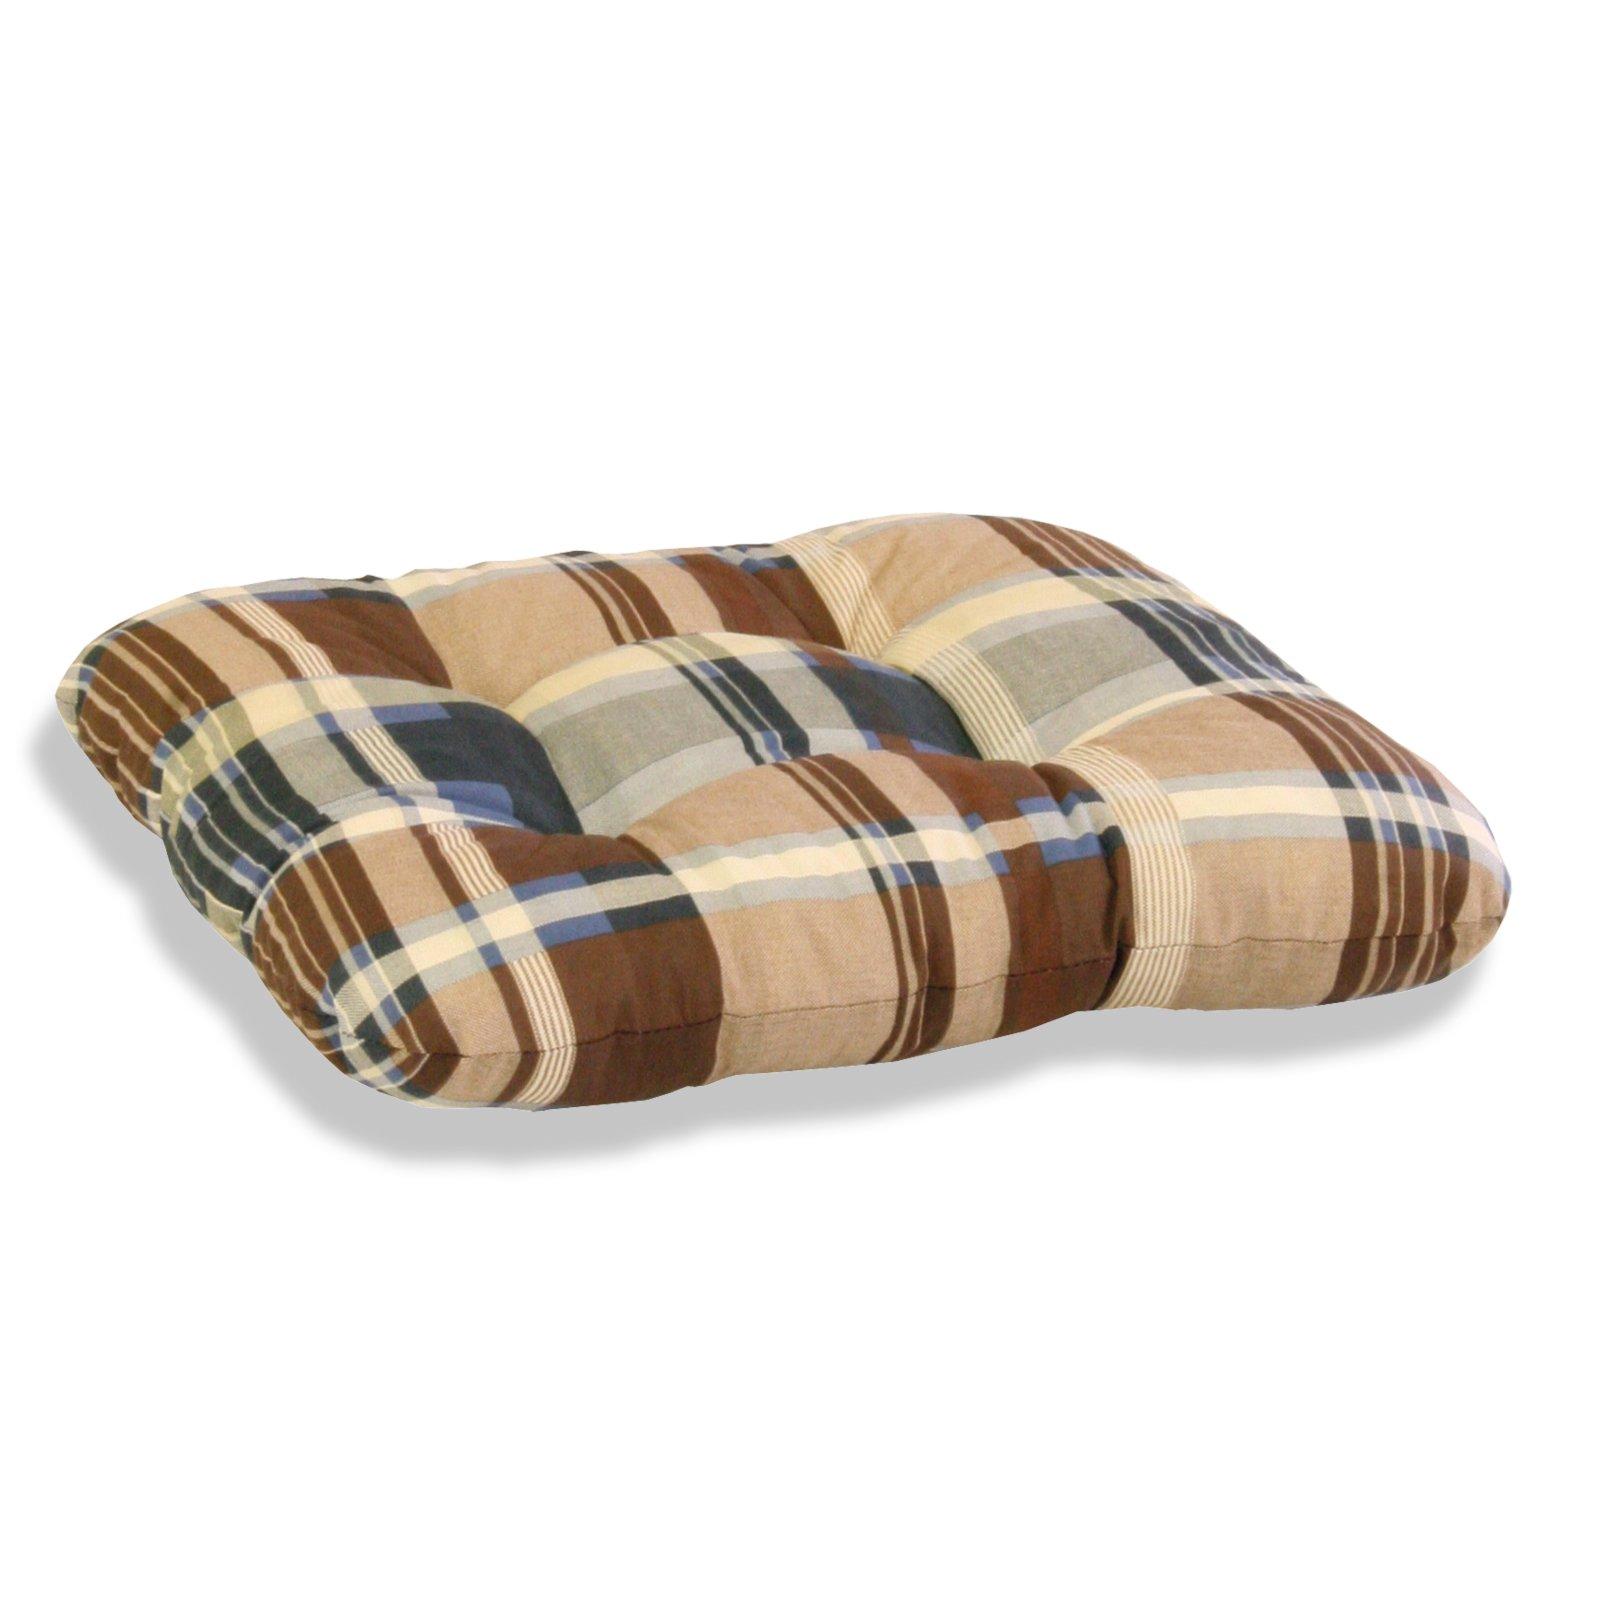 sitzkissen sevilla braun beige auflagen f r gartenm bel garten m belhaus roller. Black Bedroom Furniture Sets. Home Design Ideas